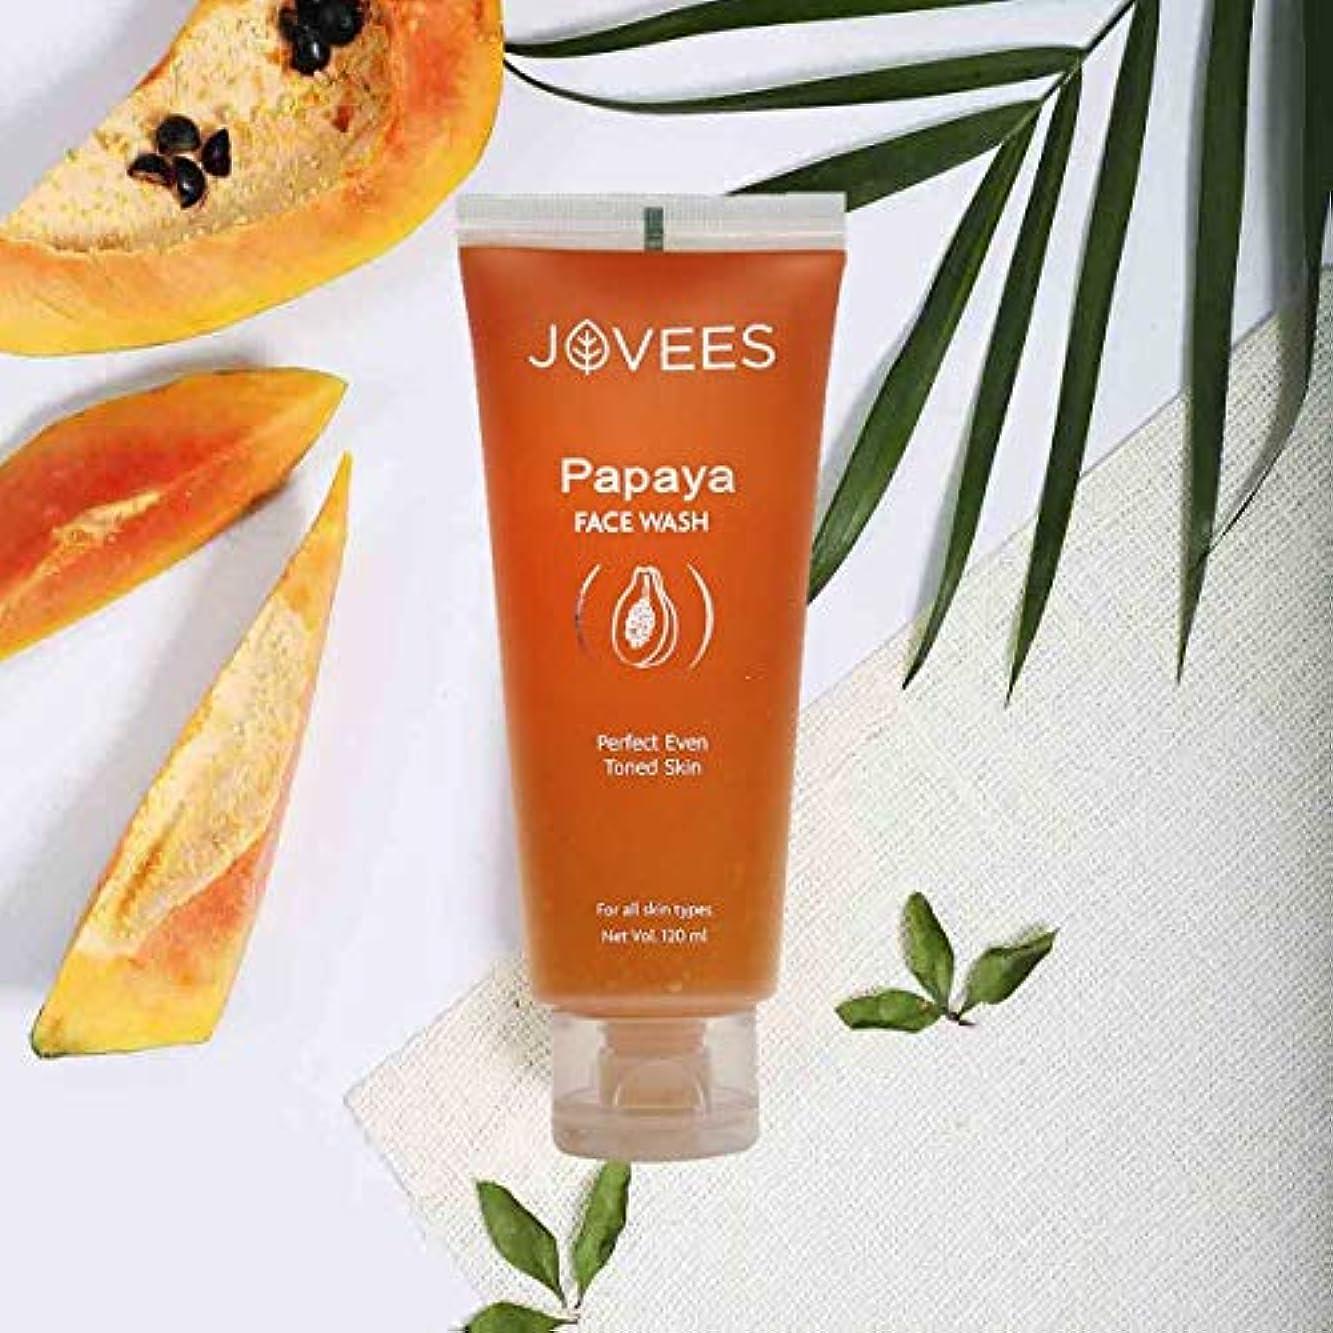 スコットランド人スライム偶然Jovees Papaya Face Wash 120ml Papaya & Vitamin A For Perfect Even Toned Skin パパイヤ洗顔用パパイヤ&ビタミンA